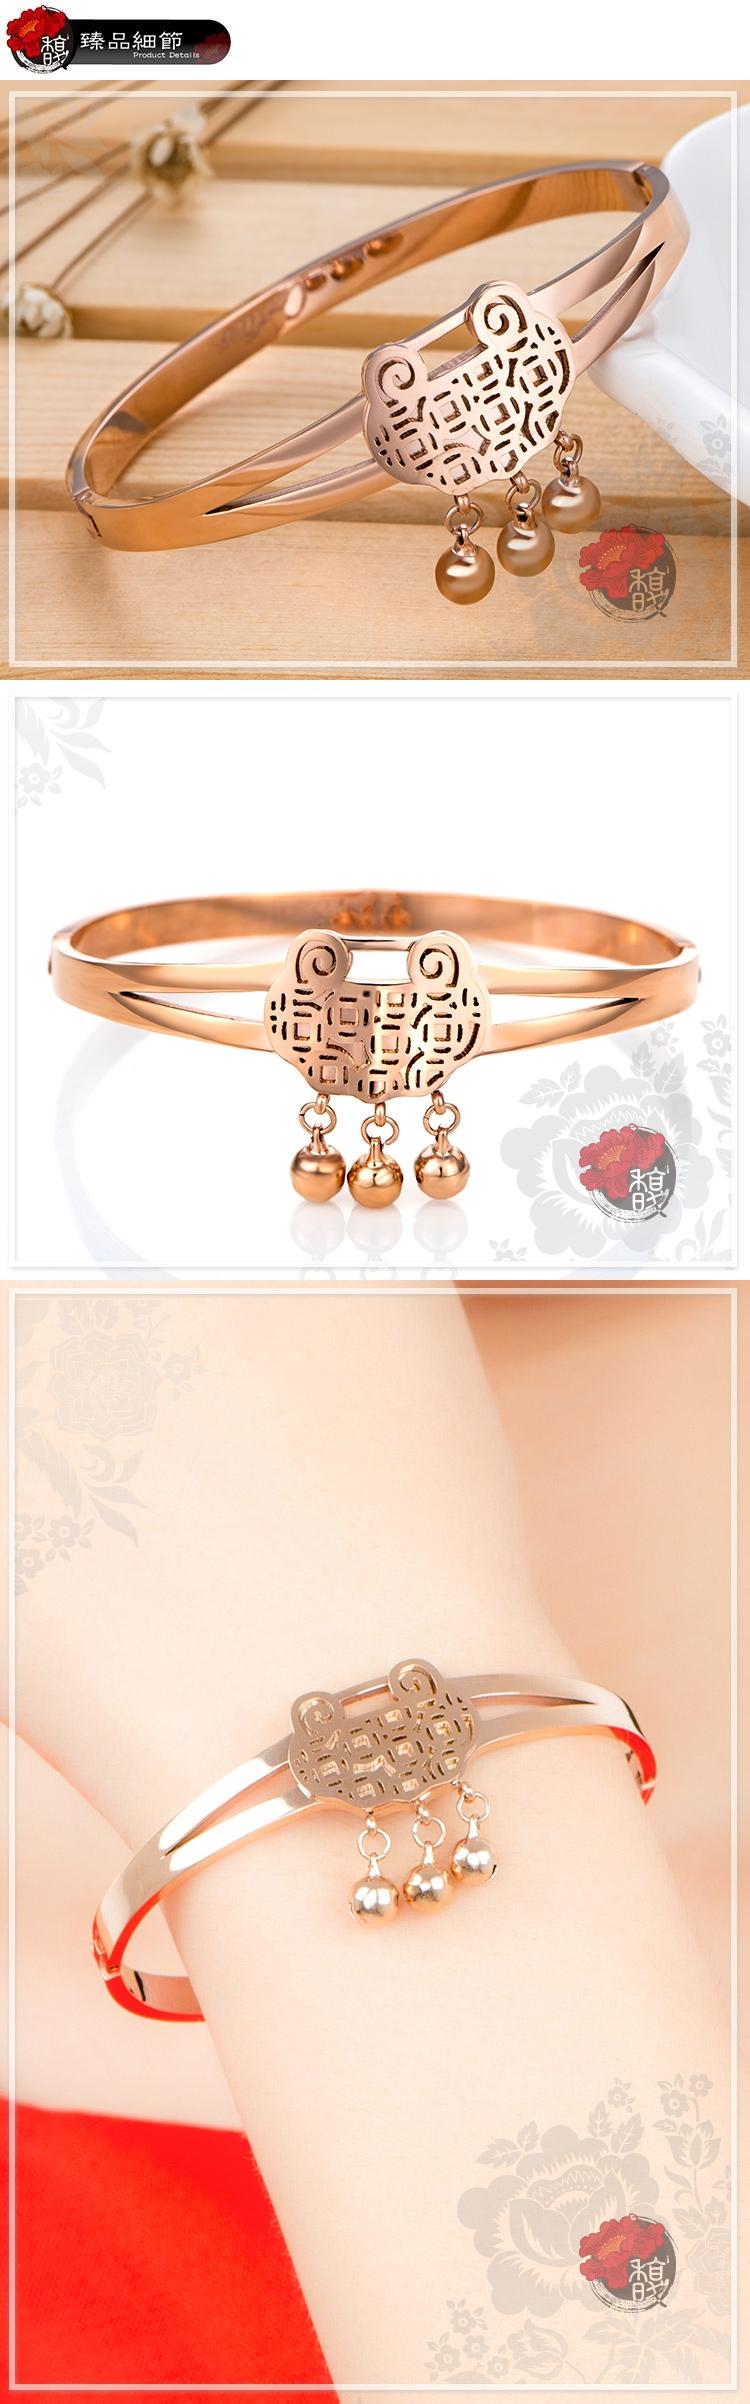 聚足財富玫瑰金手環